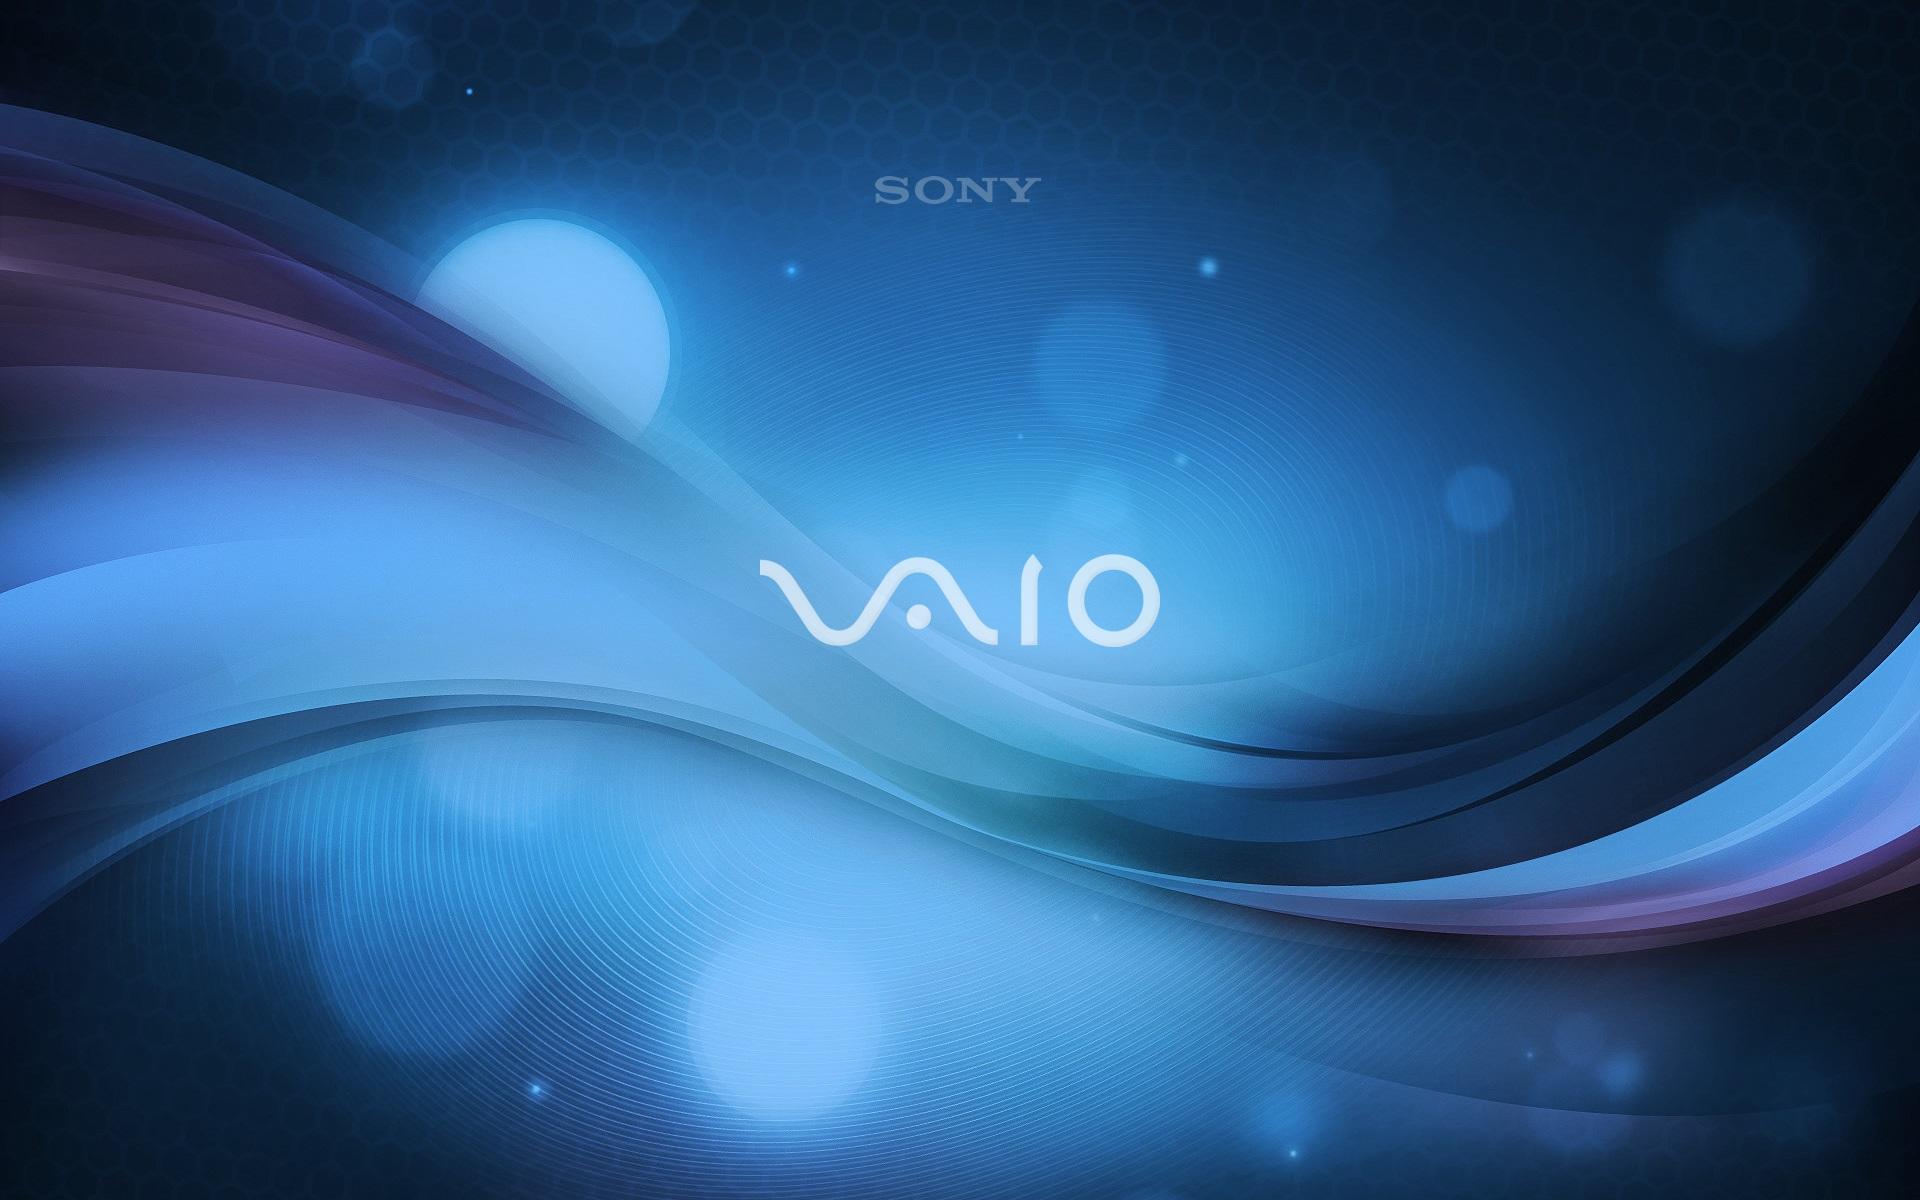 壁紙 ソニーのVAIOロゴ、青抽象的な背景